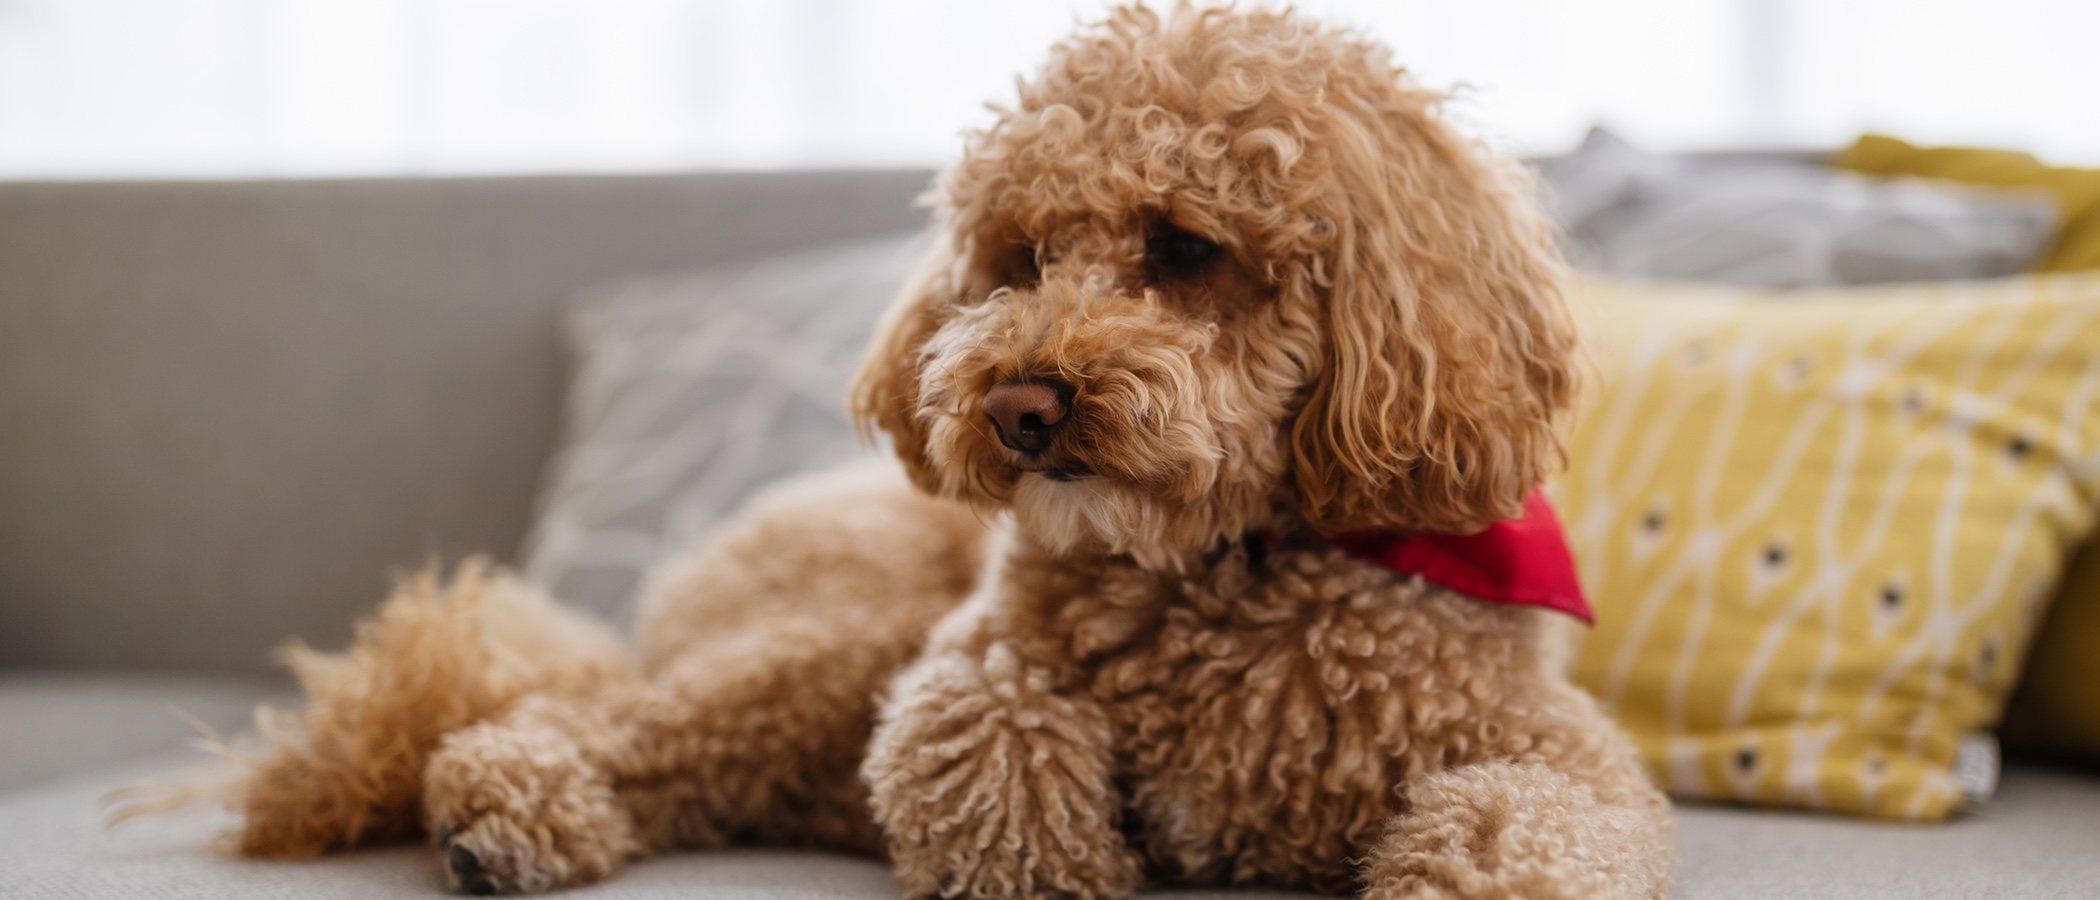 Caniche enano o Poodle: conoce esta raza de perro